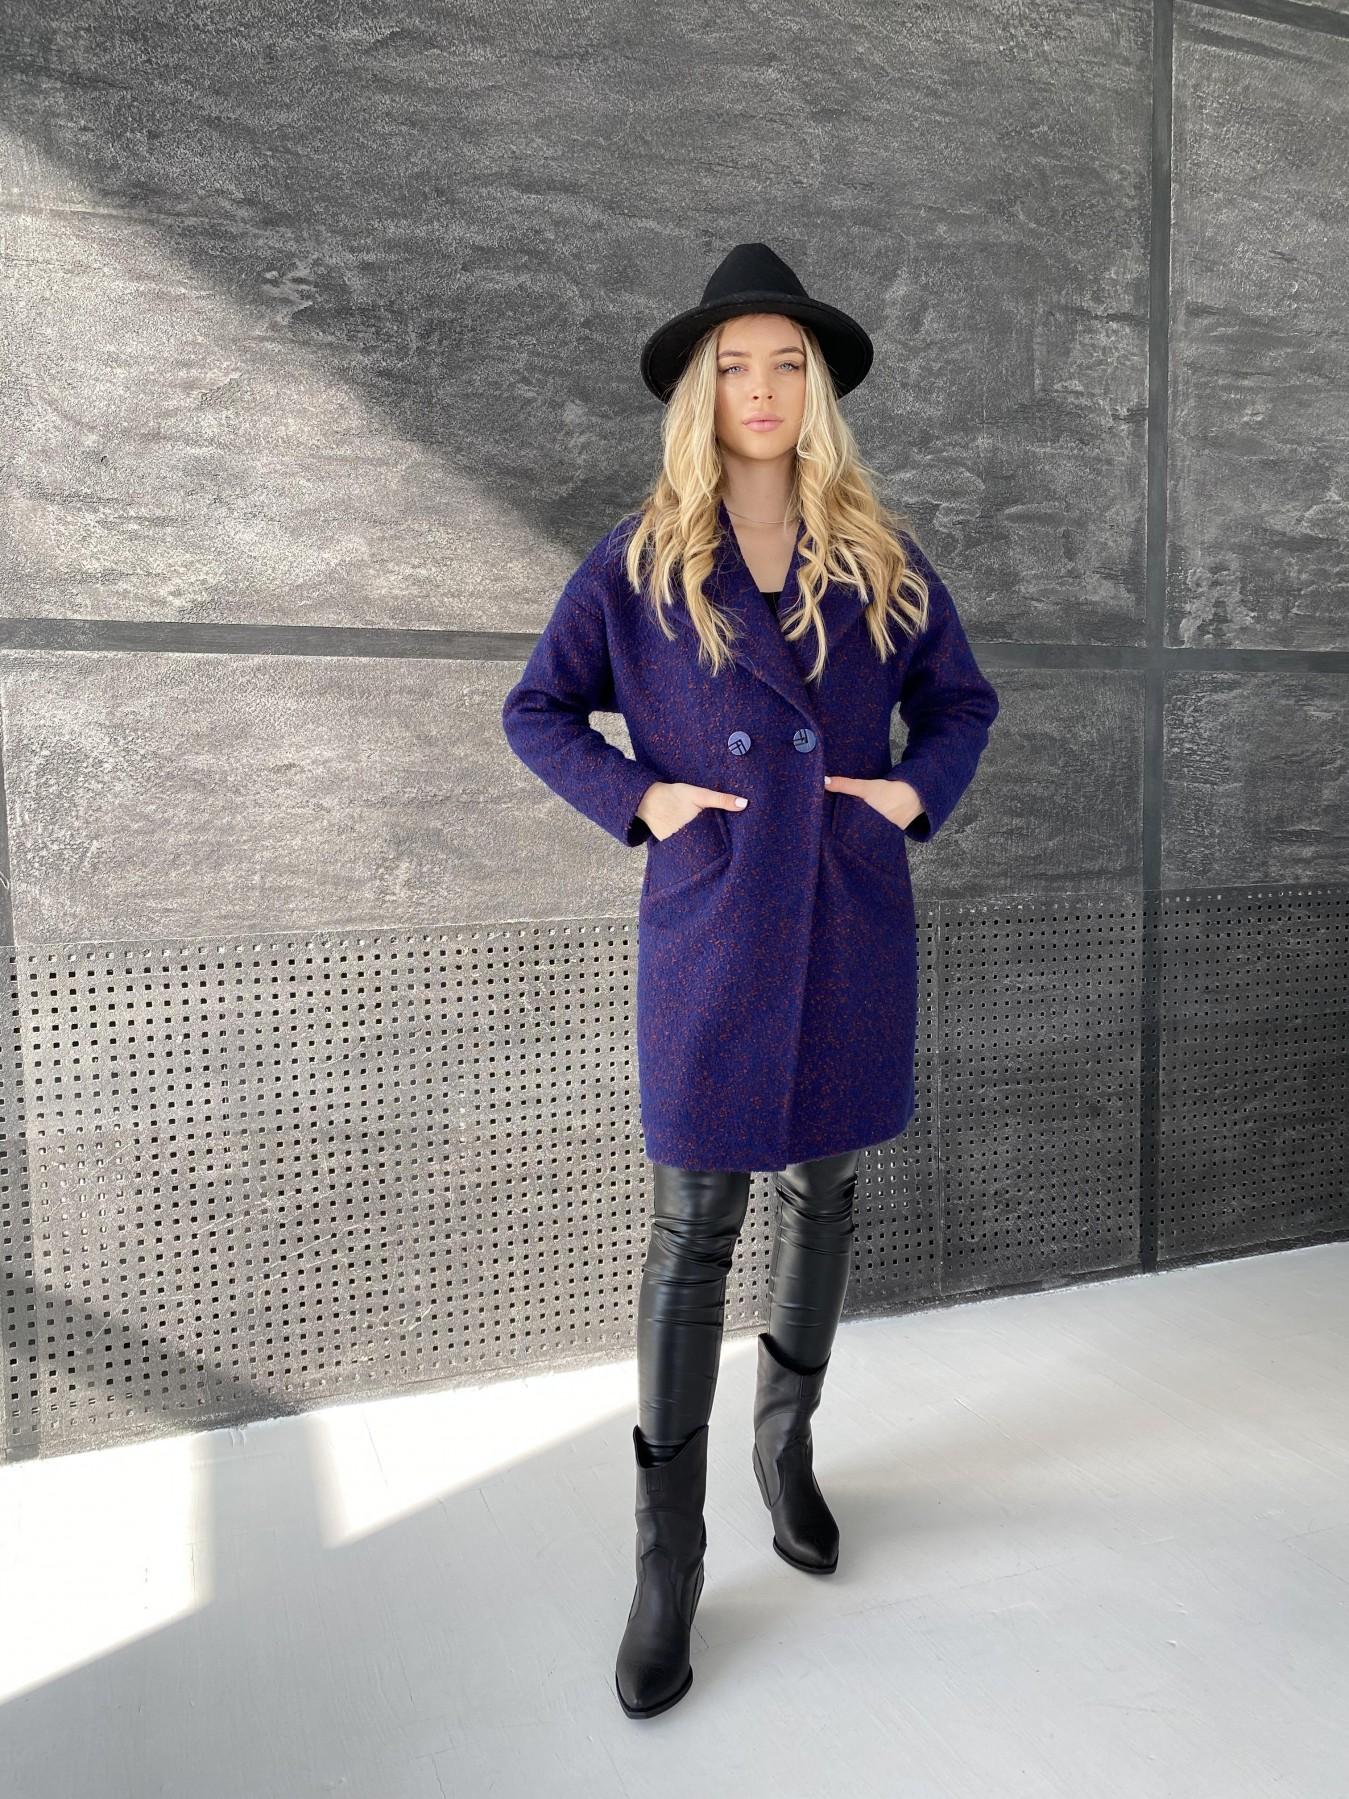 Сенсей пальто из шерсти букле 10780 АРТ. 47237 Цвет: Т.синий марсала 43 - фото 3, интернет магазин tm-modus.ru